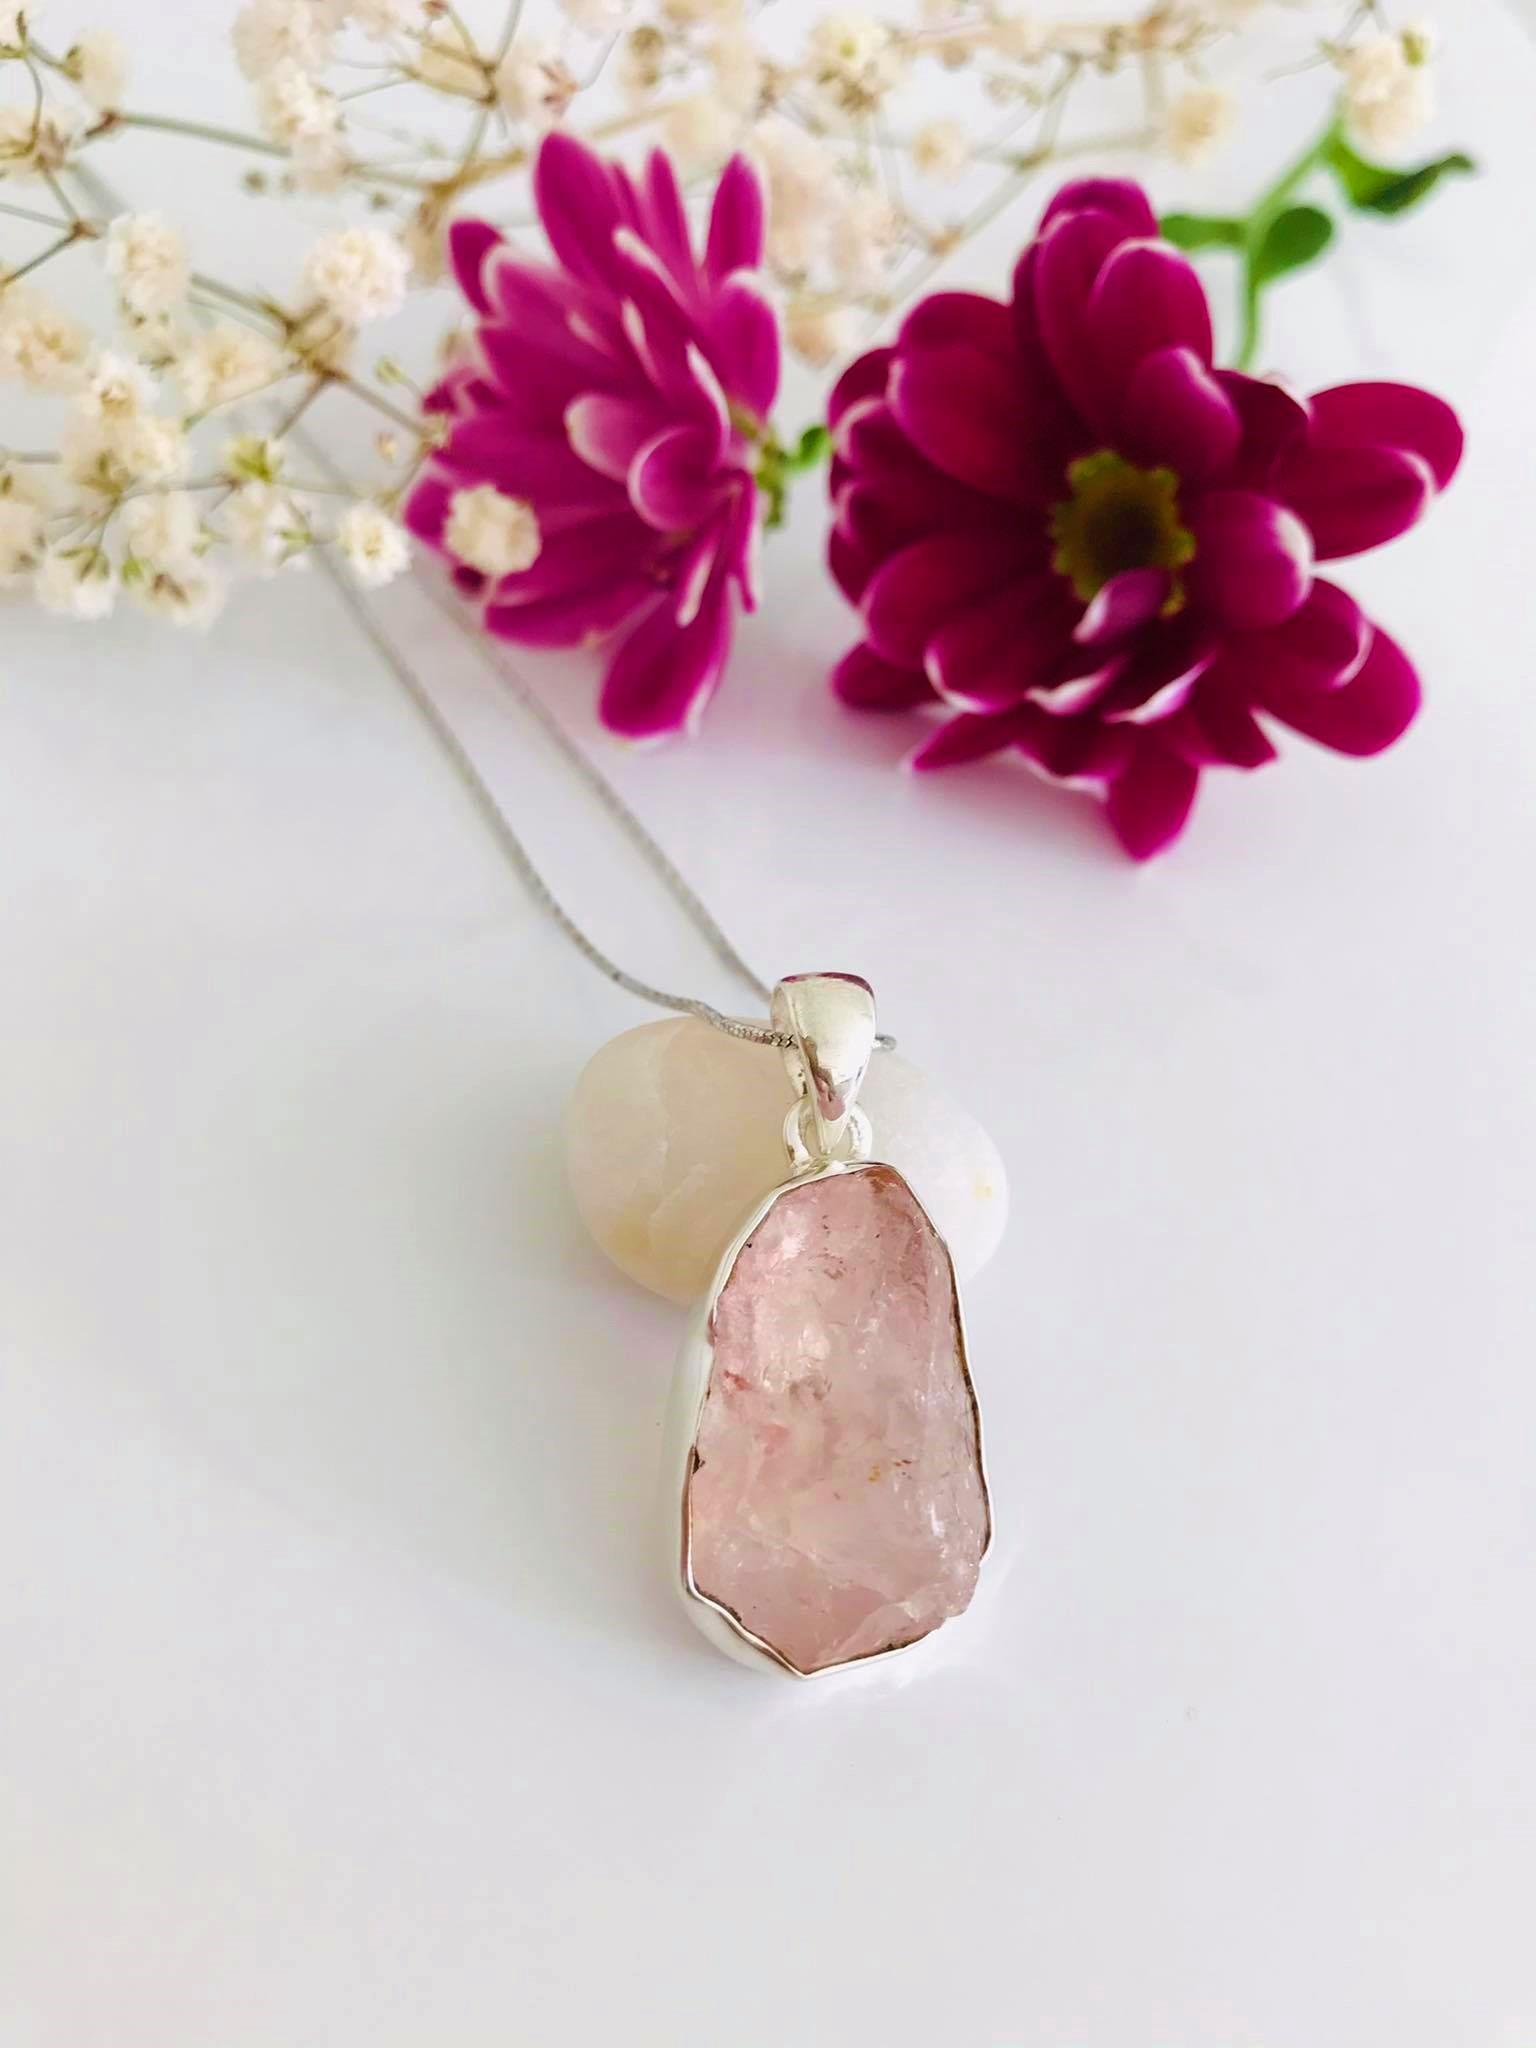 Rose Quartz Rough Silver Necklace Image